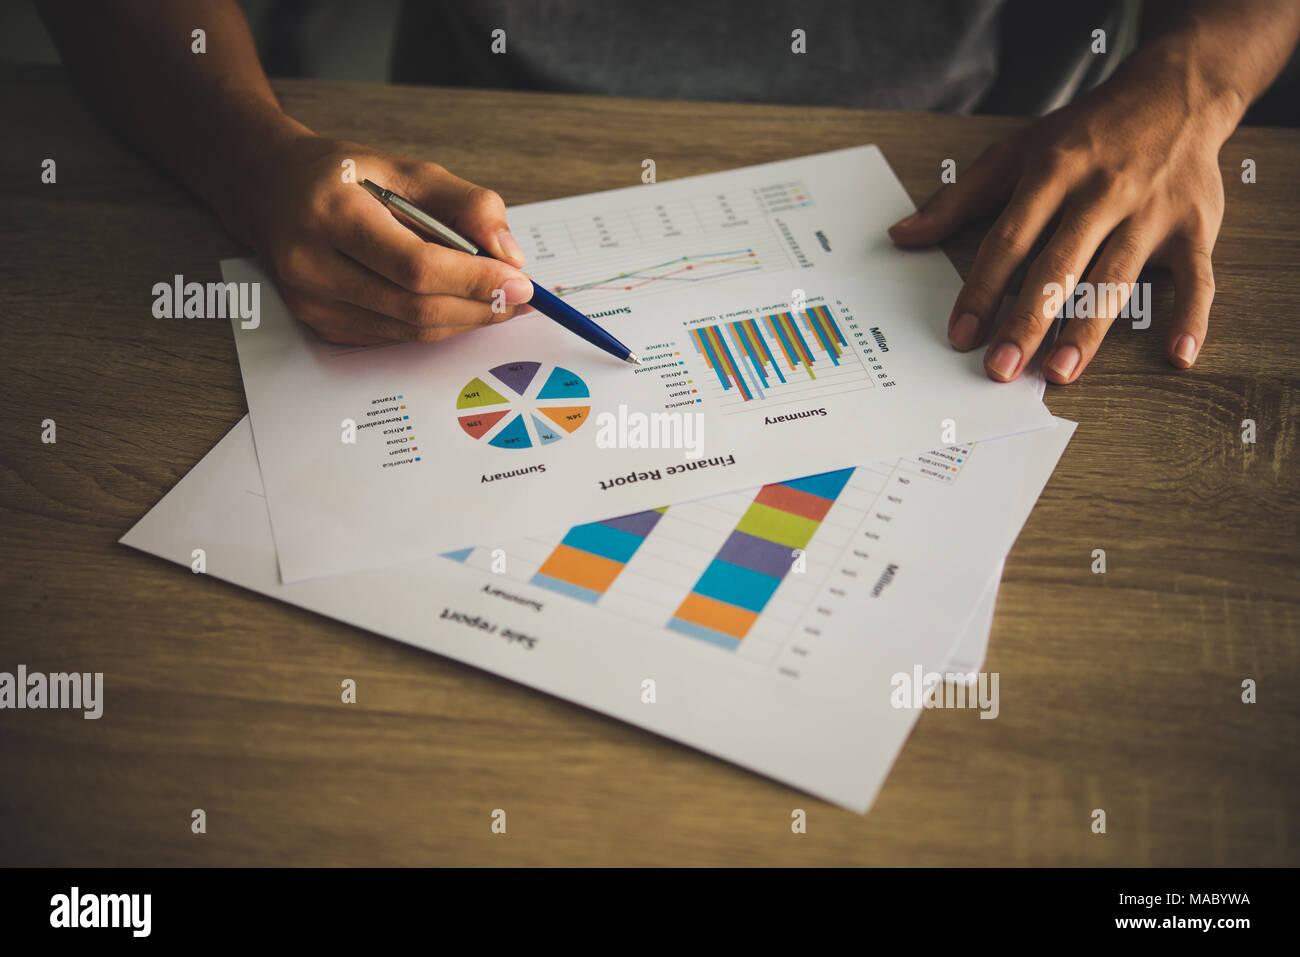 Empresario holding y el análisis gráfico de inversión trabajan en la oficina. Concepto de trabajo empresarial. Imagen De Stock